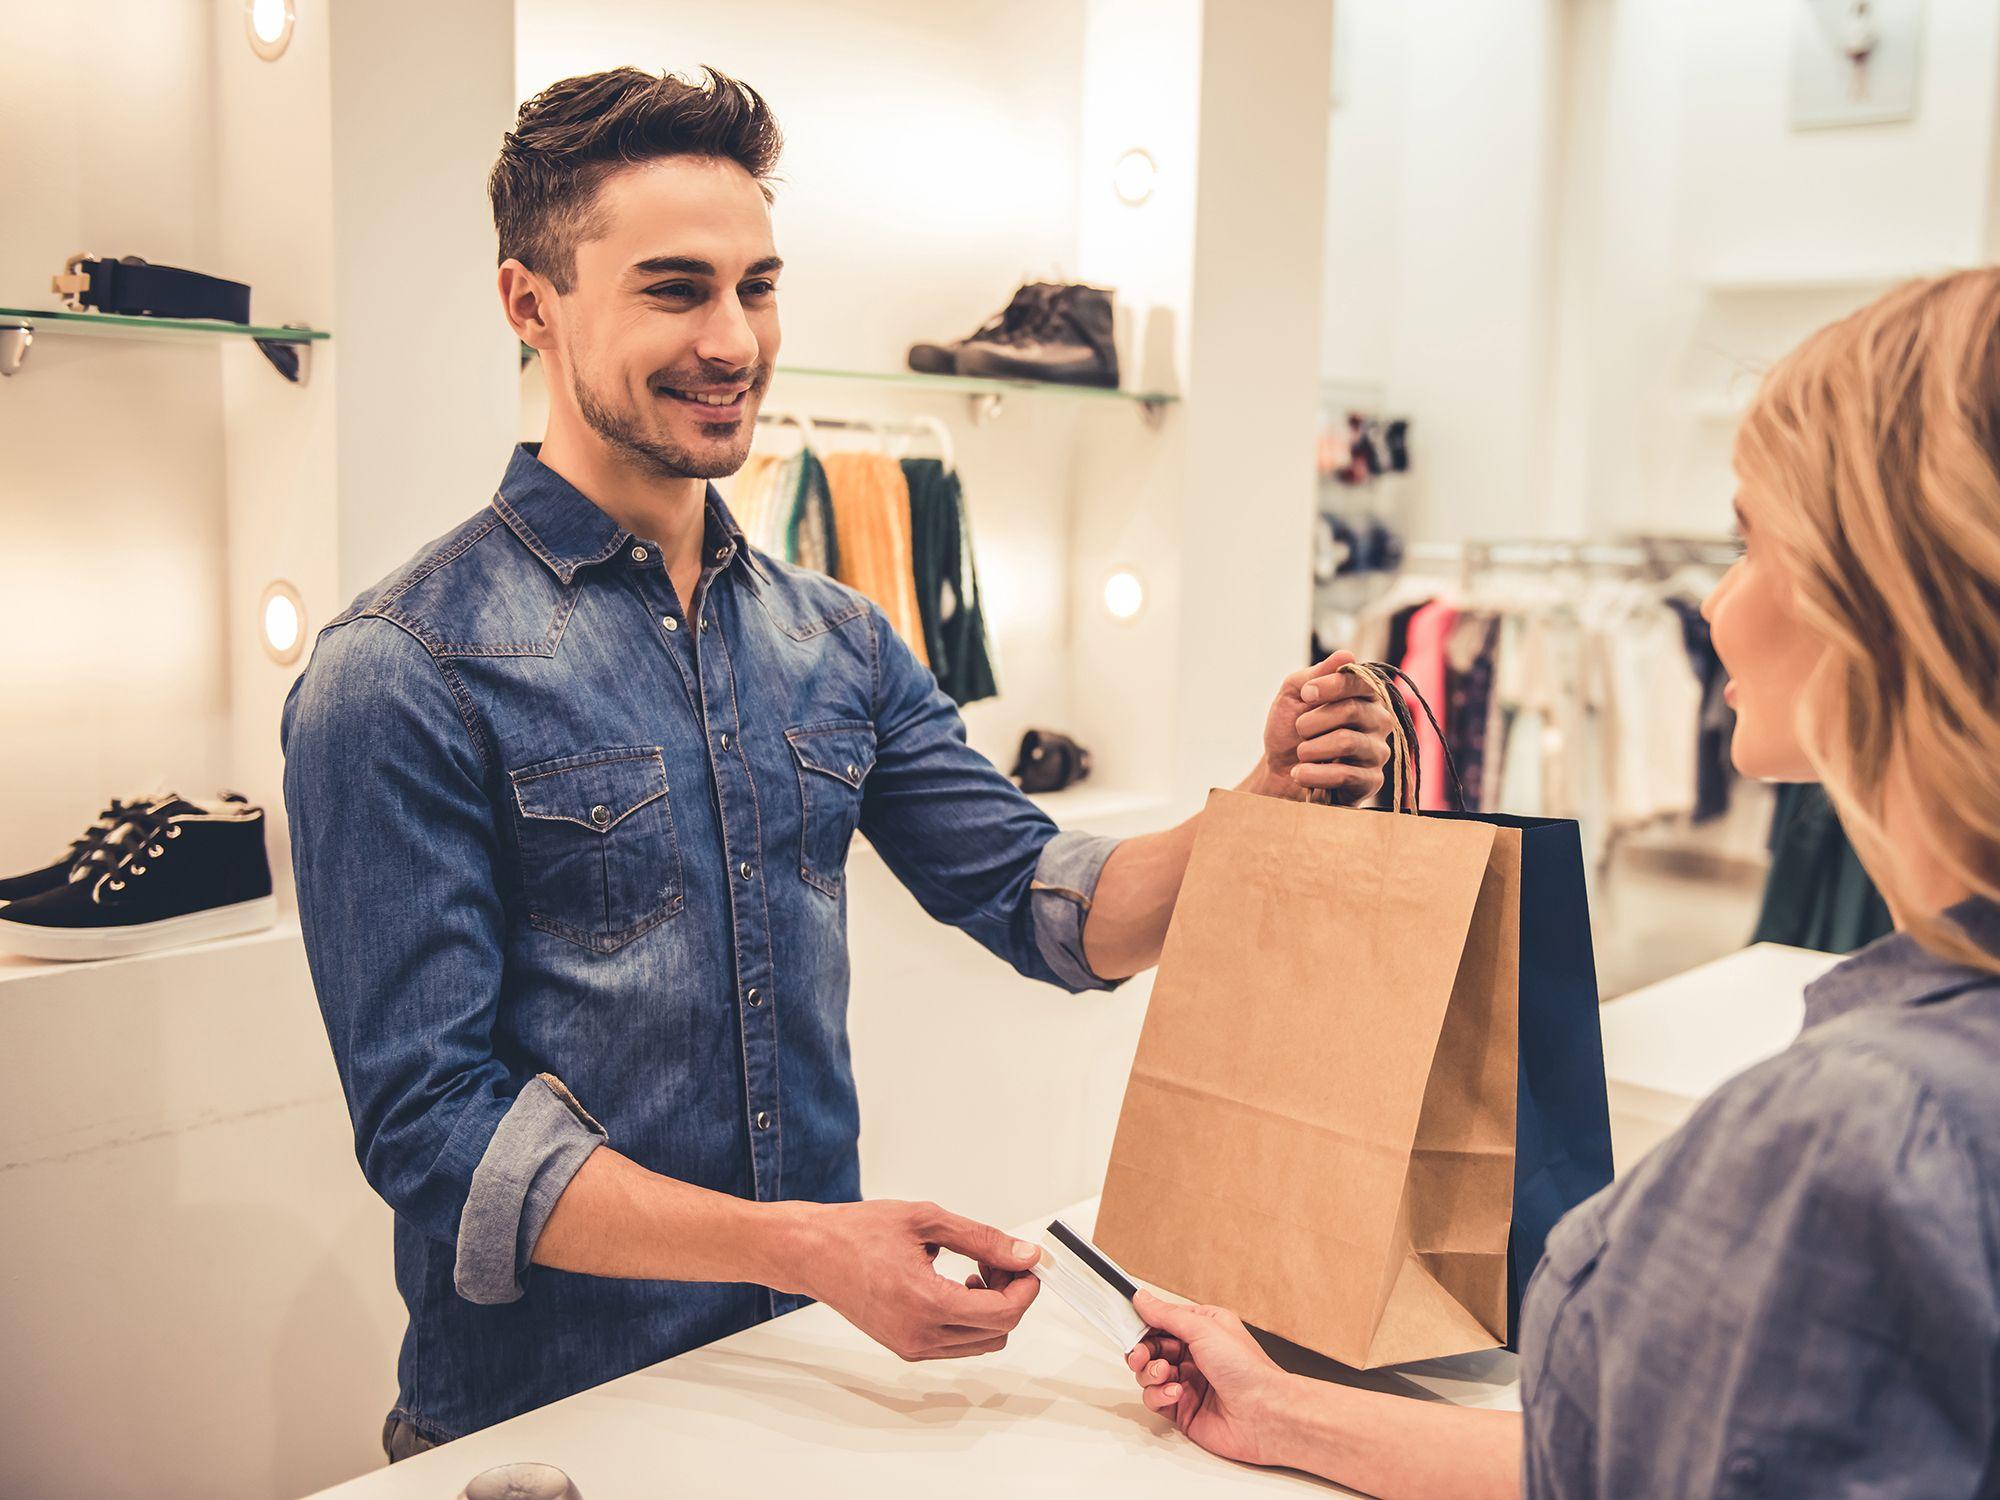 Level 2 - Verkäufer wie Verkaufsprofis, Verkaufstalente, Textilverkäufer, Bäckereiverkäufer, Elektronikverkäufer, Fachverkäufer, Verkaufsberater, Verkaufsmanager, Verkauf Aushilfen, Vertriebsprofis, Verkaufsexperten, Verkaufsmitarbeiter, Vertriebler, Verkaufspersonal, Vertriebspersonal und Servicepersonal wie Dekorateure, Inventurhelfer, Kassenmitarbeiter, Lieferfahrer, Merchandiser, Mysteryshopper, Pop-up-Verkäufer, Rackjobber, Testkäufer, Verkaufsaushilfen, Warenverräumer, Verkaufsprofis, Verkaufstalente, Textilverkäufer, Bäckereiverkäufer, Elektronikverkäufer, Fachverkäufer, Verkaufsberater, Verkaufsmanager, Vertriebsprofis, Verkaufsexperten, Verkaufsmitarbeiter, Leiharbeiter, Zeitarbeiter, Leiharbeitnehmer, Leihkraft und Temporärarbeiter bei uns als Personalagentur, Zeitarbeitsfirma, Zeitarbeitsunternehmen, Personal-Service-Agentur, Personaldienstleistungsagentur und Leiharbeitsfirma per Arbeitnehmer-Leasing, Arbeitnehmerüberlassung, Arbeitskräfte-Leasing, Arbeitskräfteüberlassung, Arbeitskraftüberlassung, Leiharbeit, Mitarbeiter-Leasing, Mitarbeiterleasing, Mitarbeiterüberlassung, Personaldienstleistung, Personalleasing, Personalüberlassung, Temporärarbeit, Zeitarbeit für den Einzelhandel, Kundenservice, Kundenbetreuung, Kundenbindung, Außenhandel, Außendienst, Vertrieb, Direktvertrieb, Vertriebsberatung, Verkaufsförderung, Absatzförderung, Verkaufsinnendienst, Verkaufsabteilung und Großhandel zwecks direkter Personalvermittlung oder Zeitarbeit per Arbeitnehmerüberlassung und Personalüberlassung für den Einzelhandel, Kundenservice, Kundenbetreuung, Kundenbindung, Außenhandel, Außendienst, Vertrieb, Direktvertrieb, Vertriebsberatung, Verkaufsförderung, Absatzförderung, Verkaufsinnendienst, Verkaufsabteilung und Großhandel buchen, mieten, leihen oder langfristig neue Mitarbeiter für Jobs wie Schülerjobs, Verkaufsjobs, Ferienjobs, Aushilfsjobs, Studentenjobs, Werkstudentenjobs, Saisonjobs, Vollzeit Jobs, Teilzeit Jobs, Nebenjobs, Temporär Jobs, Gelegenheitsjobs pe